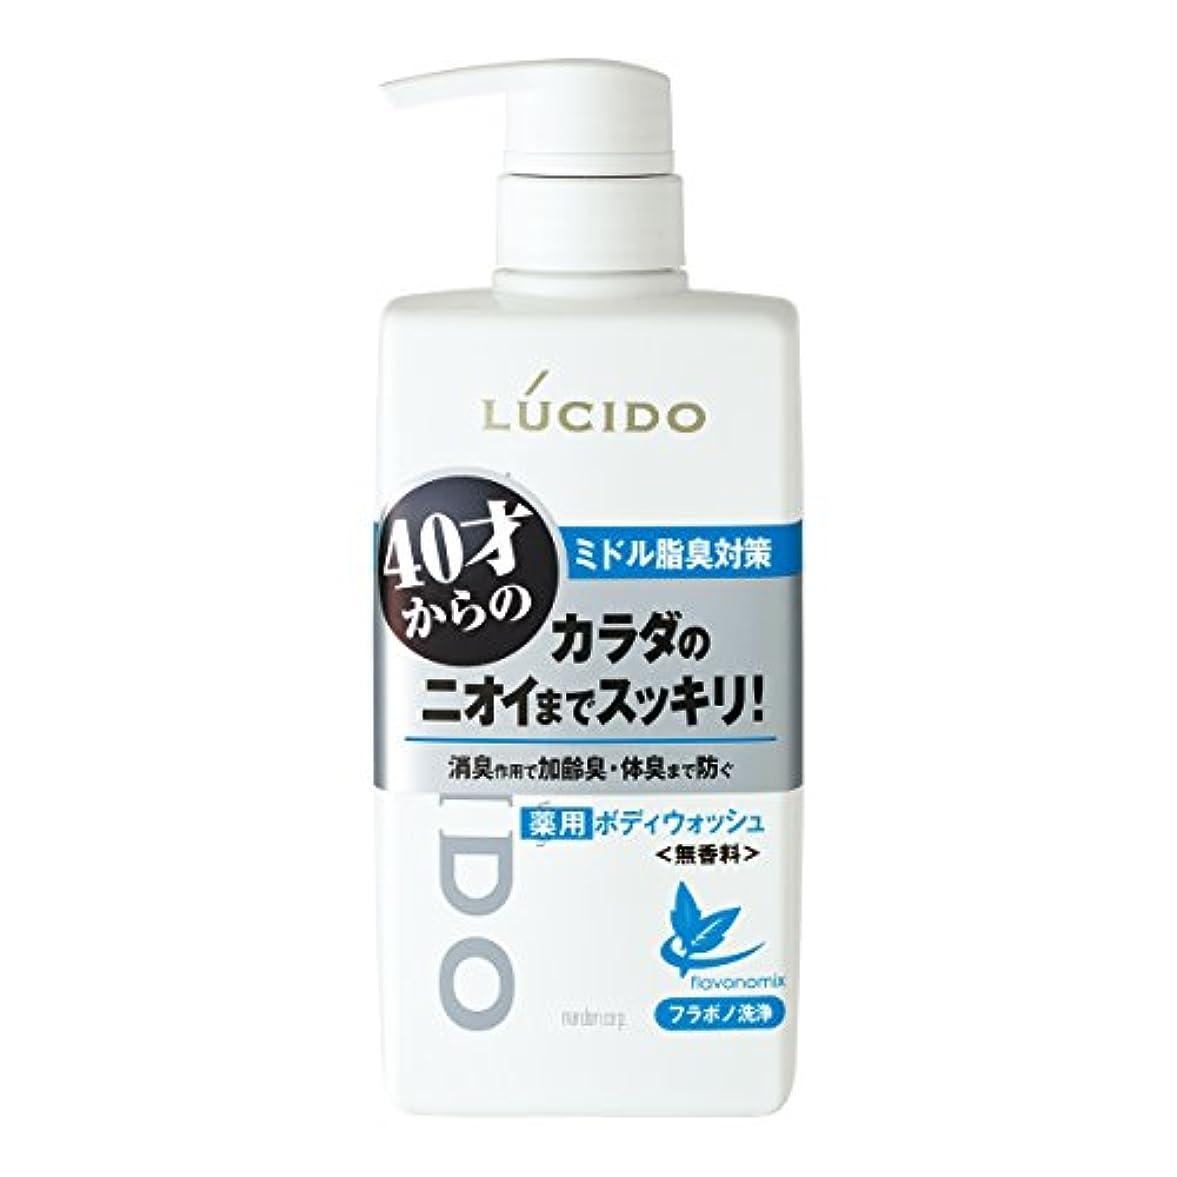 極小野心ヒゲルシード 薬用デオドラントボディウォッシュ 450mL (医薬部外品)